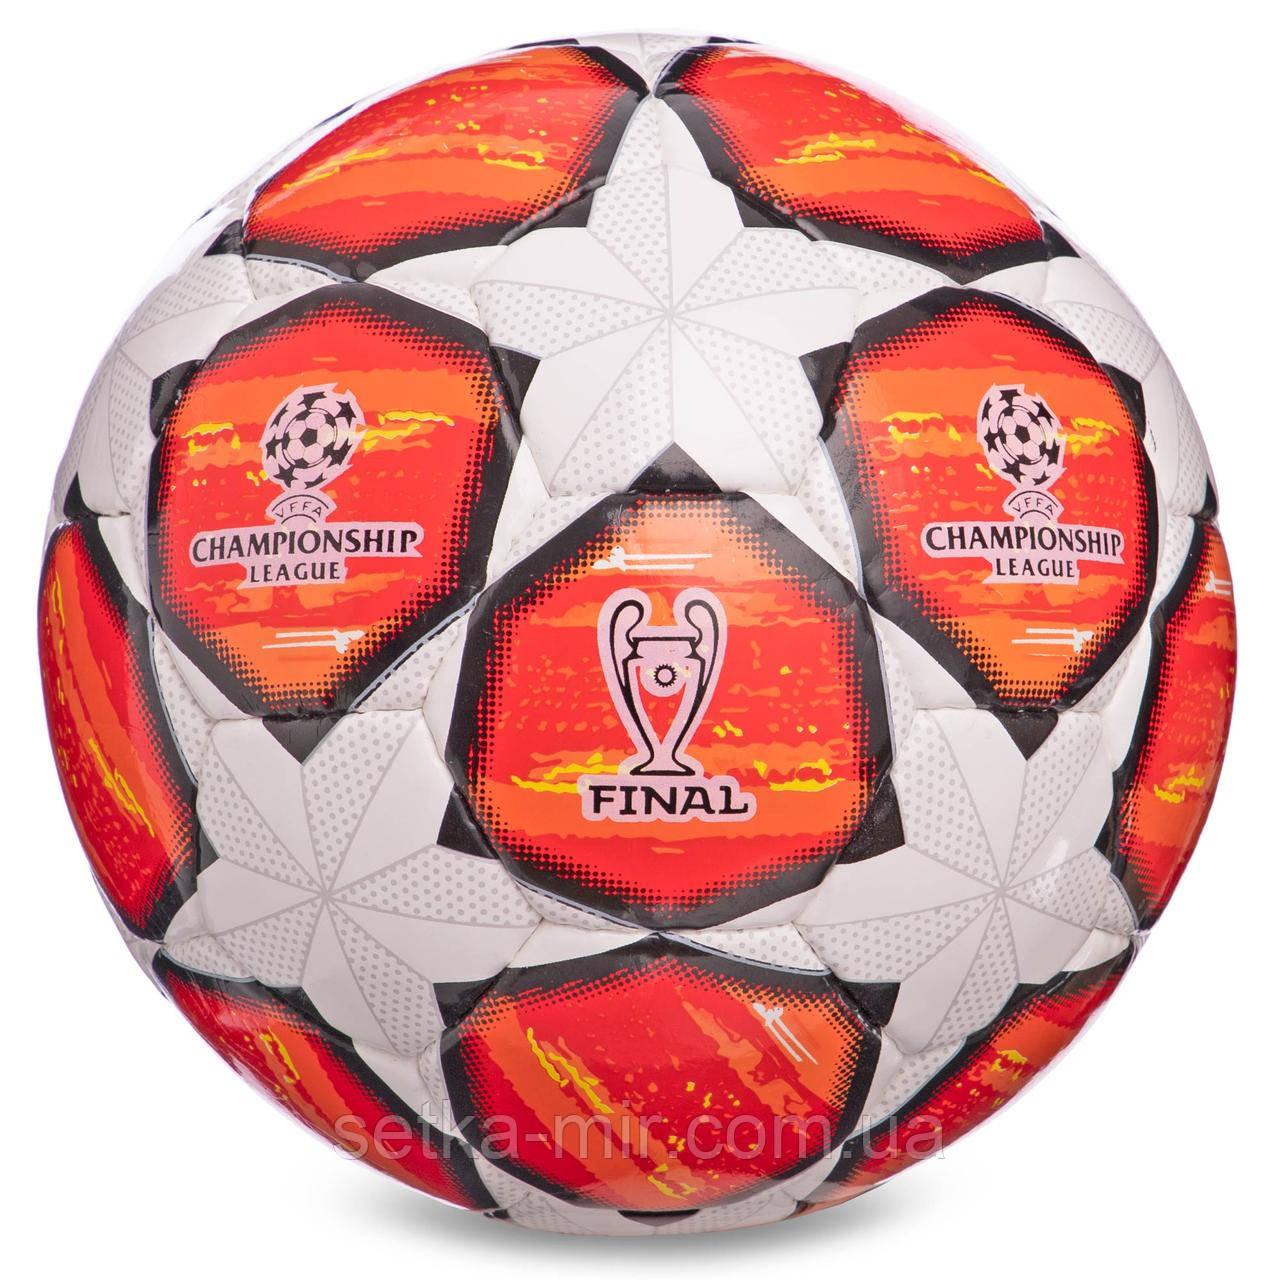 Мяч футбольный №3 PU ламин. CHAMPIONS LEAGUE FB-0150-2 (№3, 5 сл., сшит вручную, белый-красный)